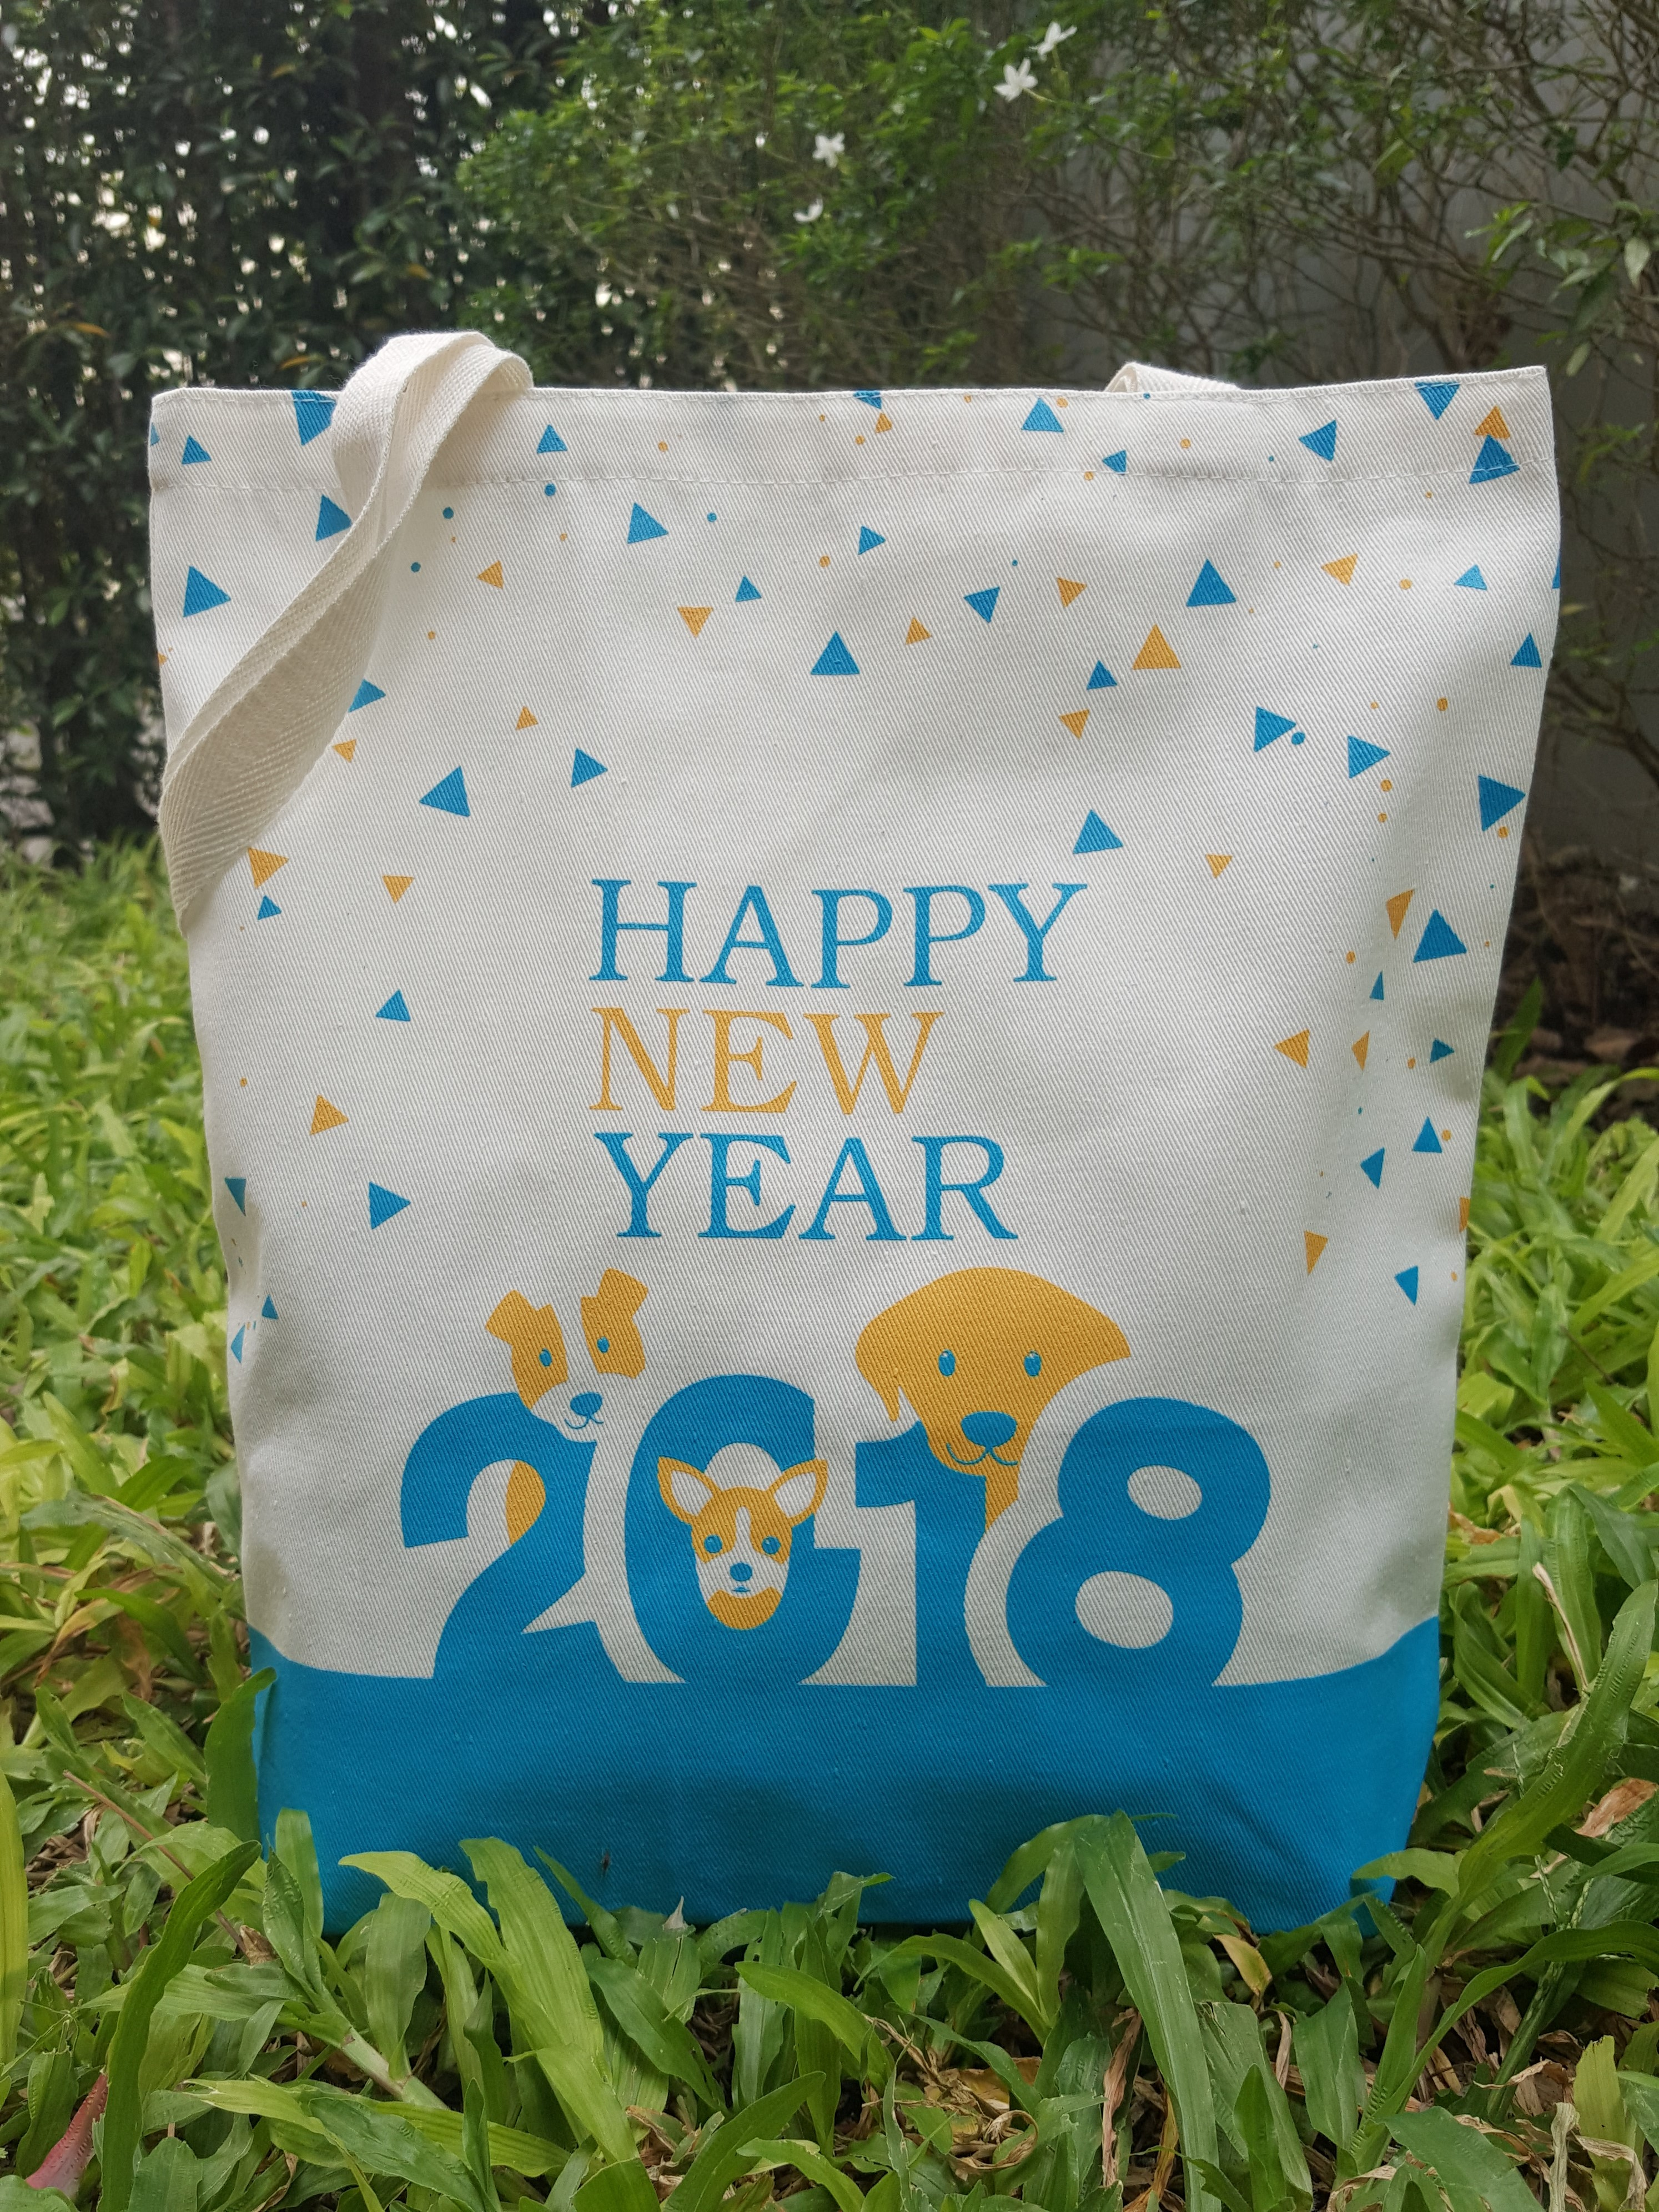 ถุงผ้าดิบ, กระเป๋าผ้าดิบ, ลดโลกร้อน, สกรีนลายสำเร็จรูป, ขายส่ง, พร้อมส่ง,ลายน่ารัก, จาก baginlove.com, สวัสดีปีใหม่, 2561, happy new year, 2018